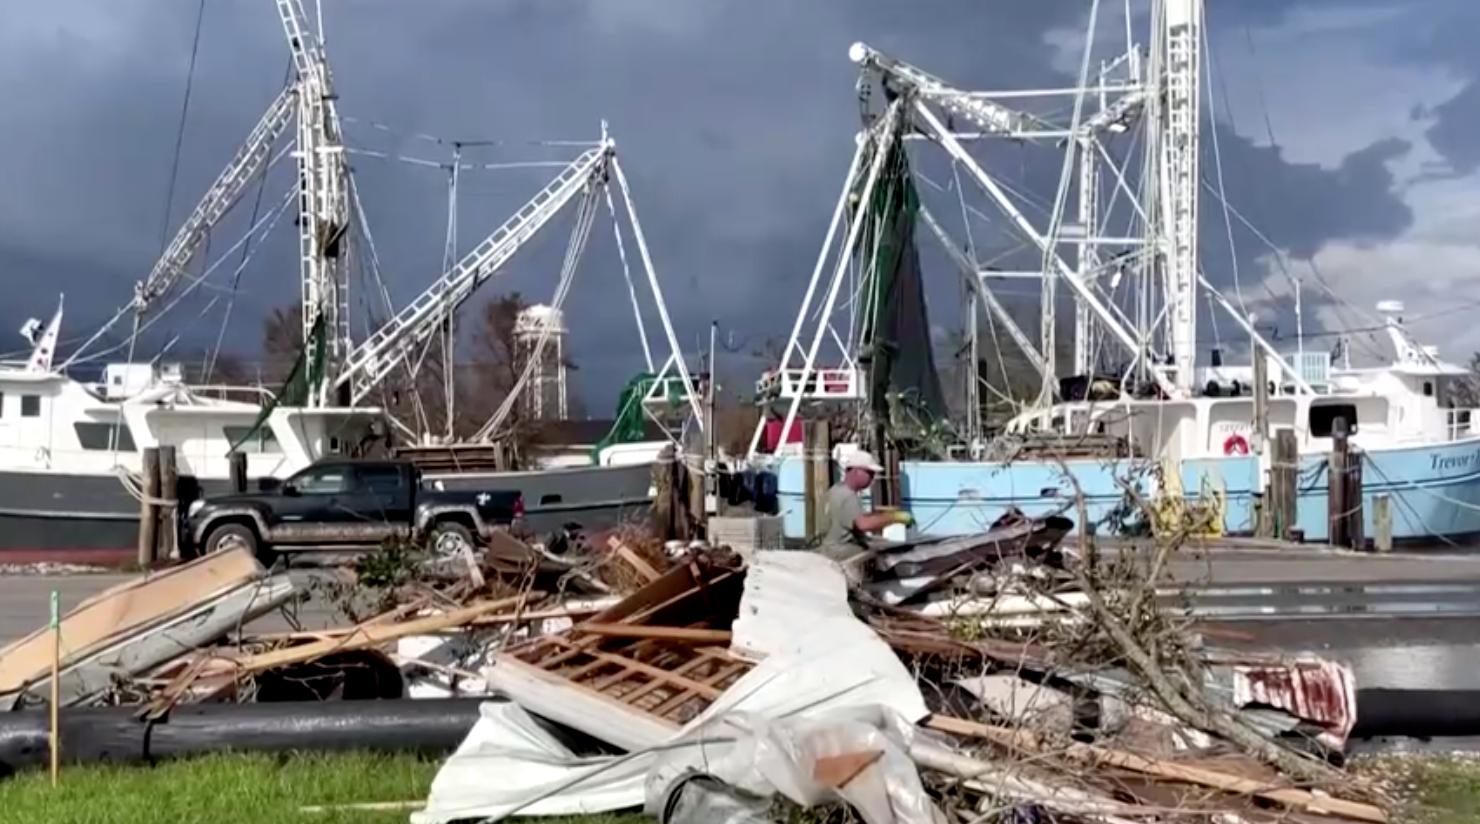 Bão IDA có thể khiến người dân Louisiana mất điện trong một tháng